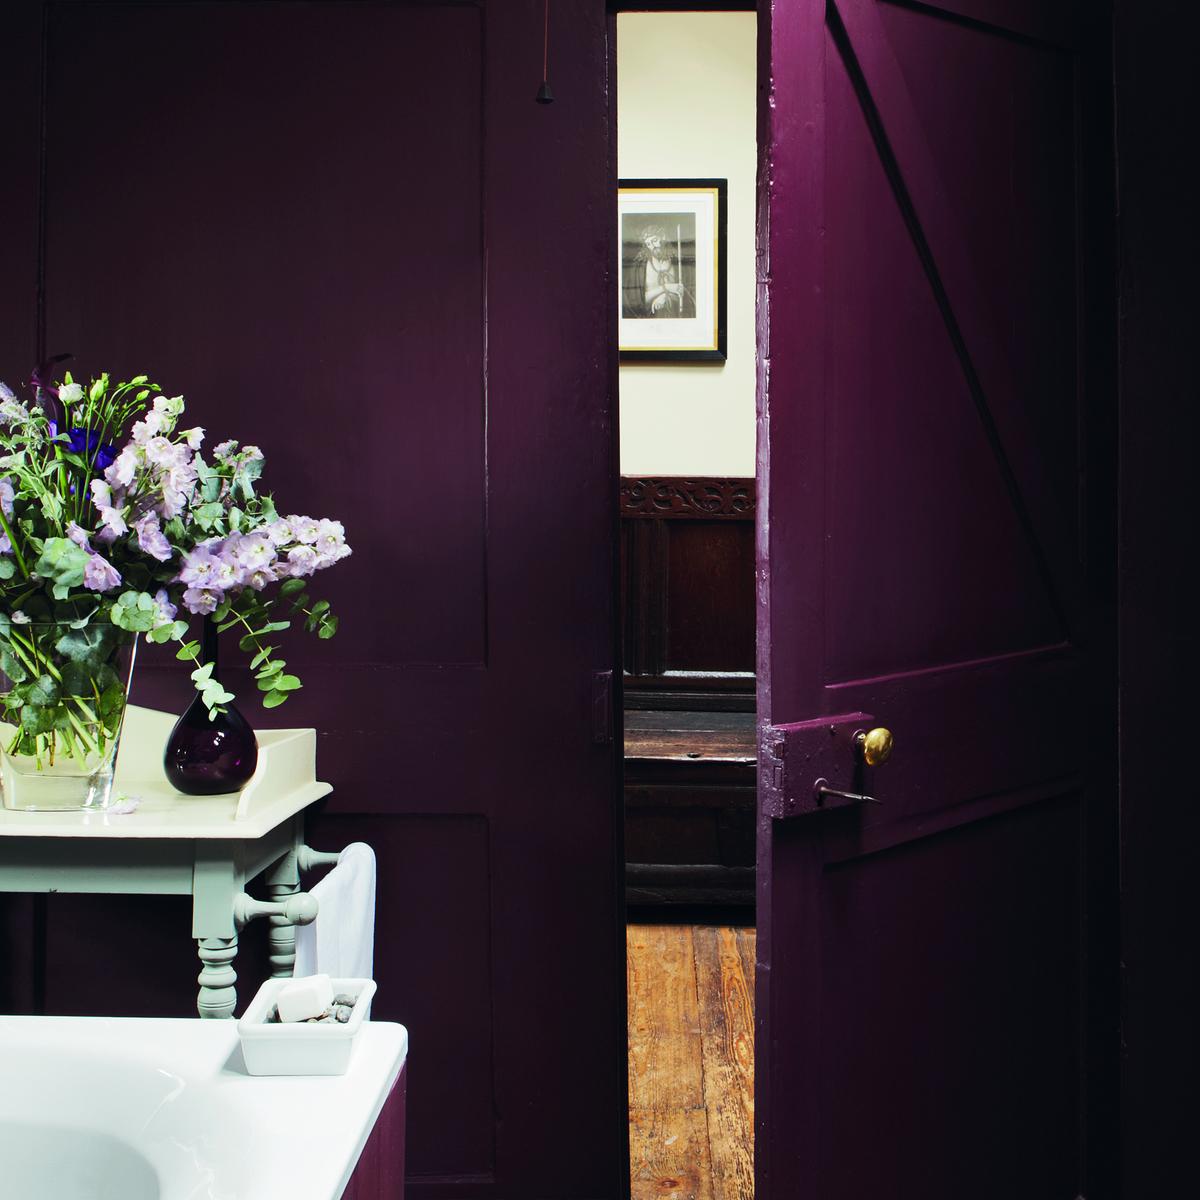 farben und tapeten raumgestaltung von emma germano. Black Bedroom Furniture Sets. Home Design Ideas